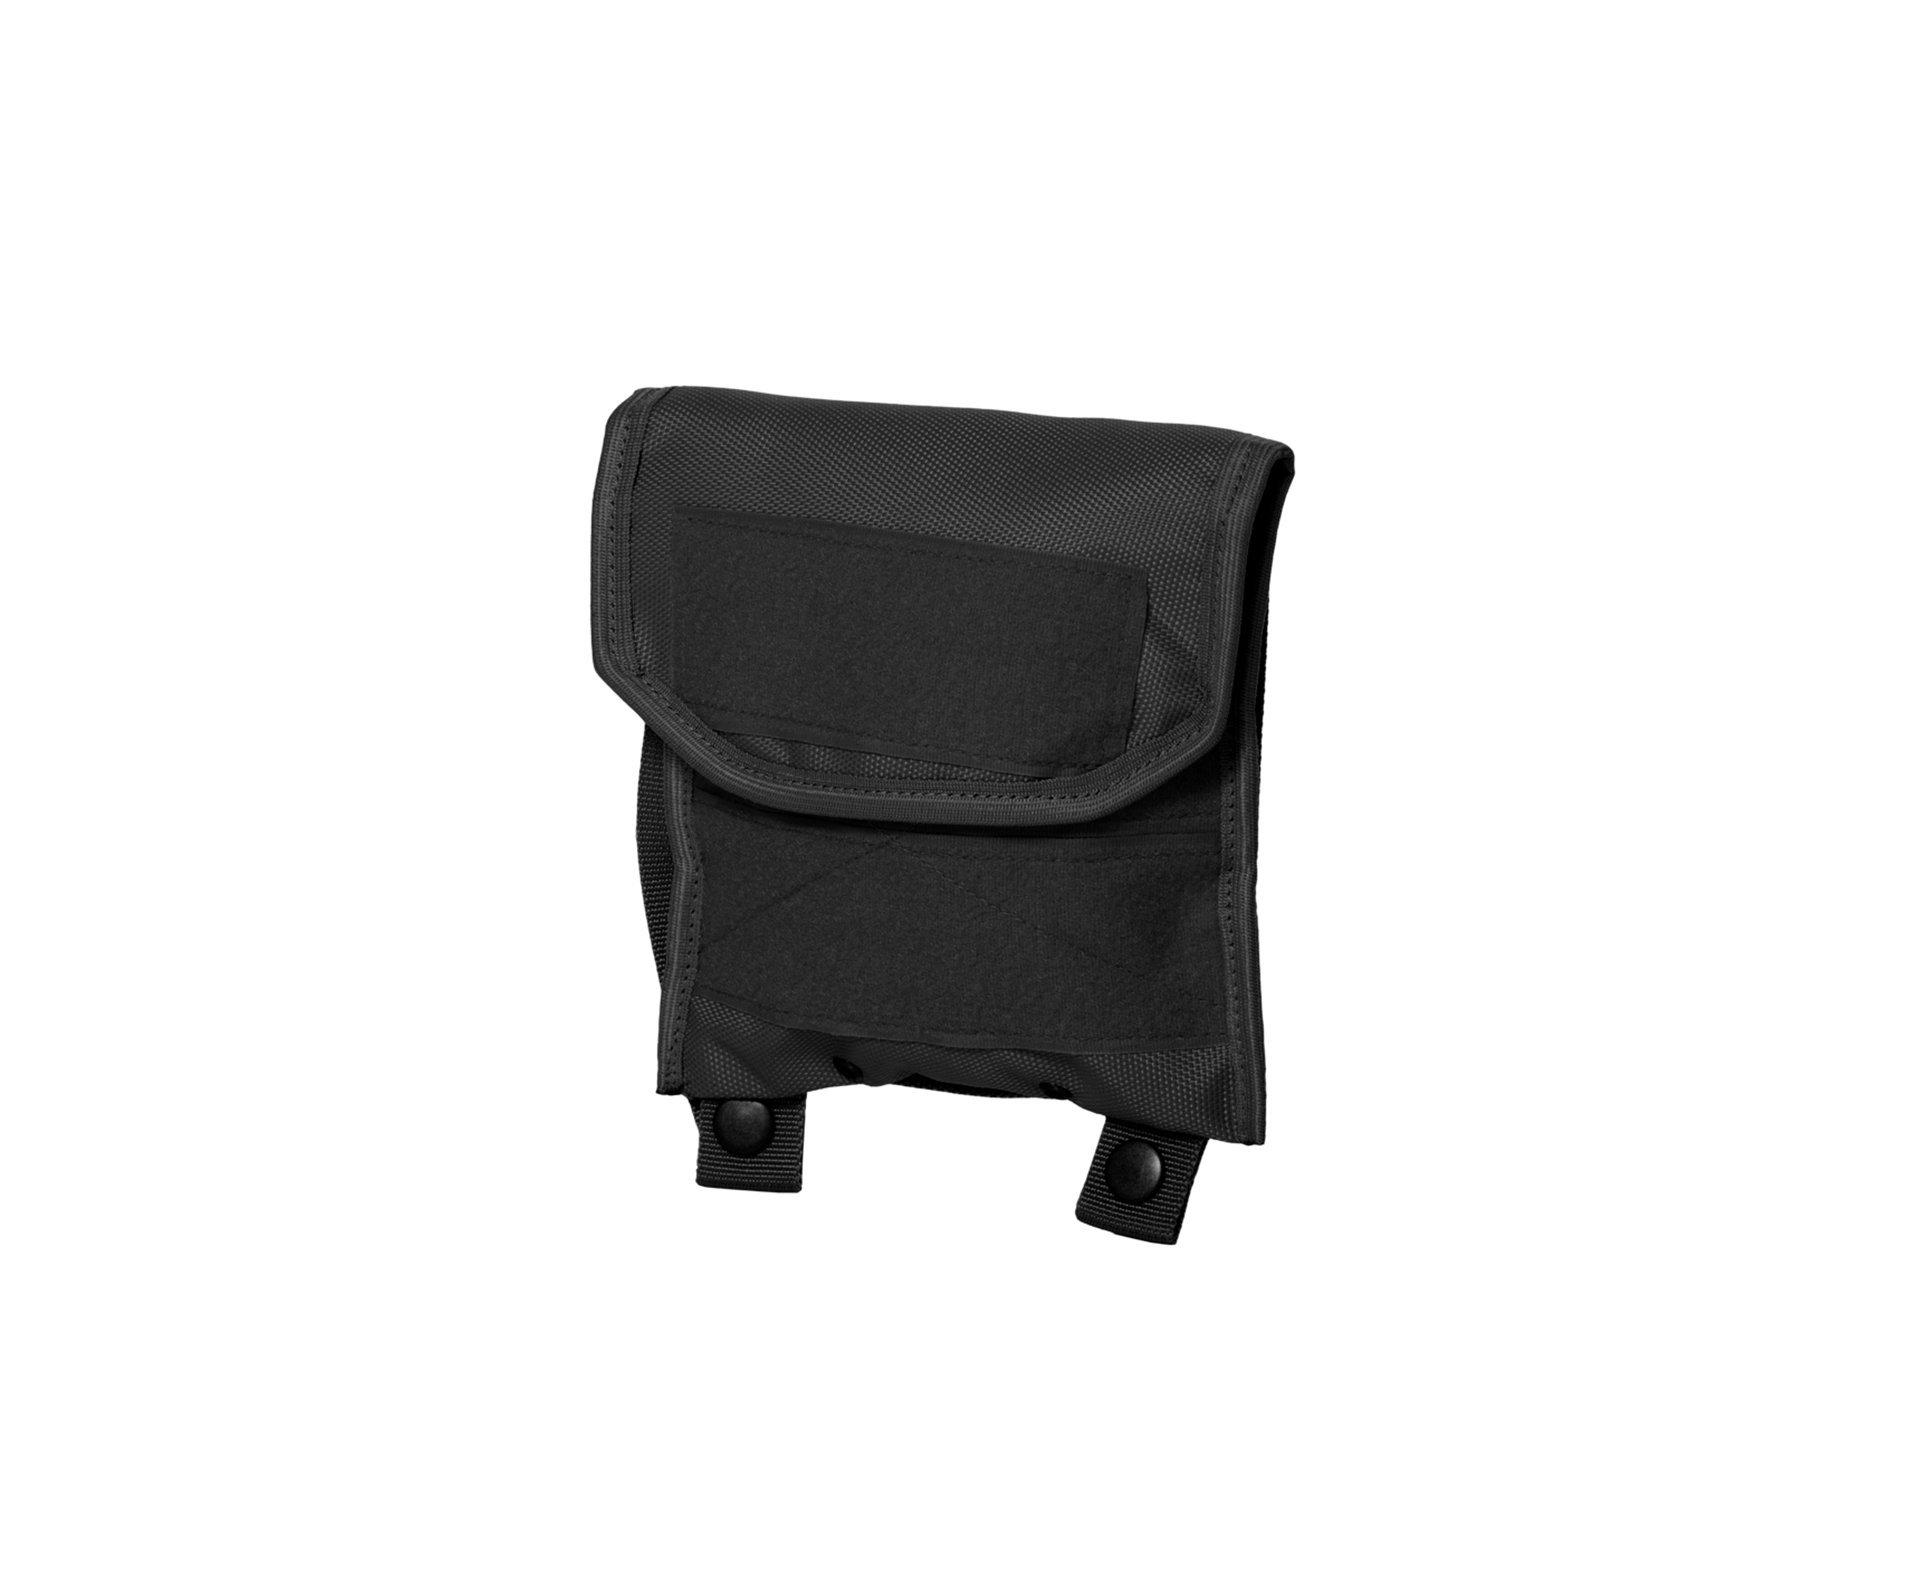 Bolso Bravo Modular Utilitário Porta Documentos 9-preta